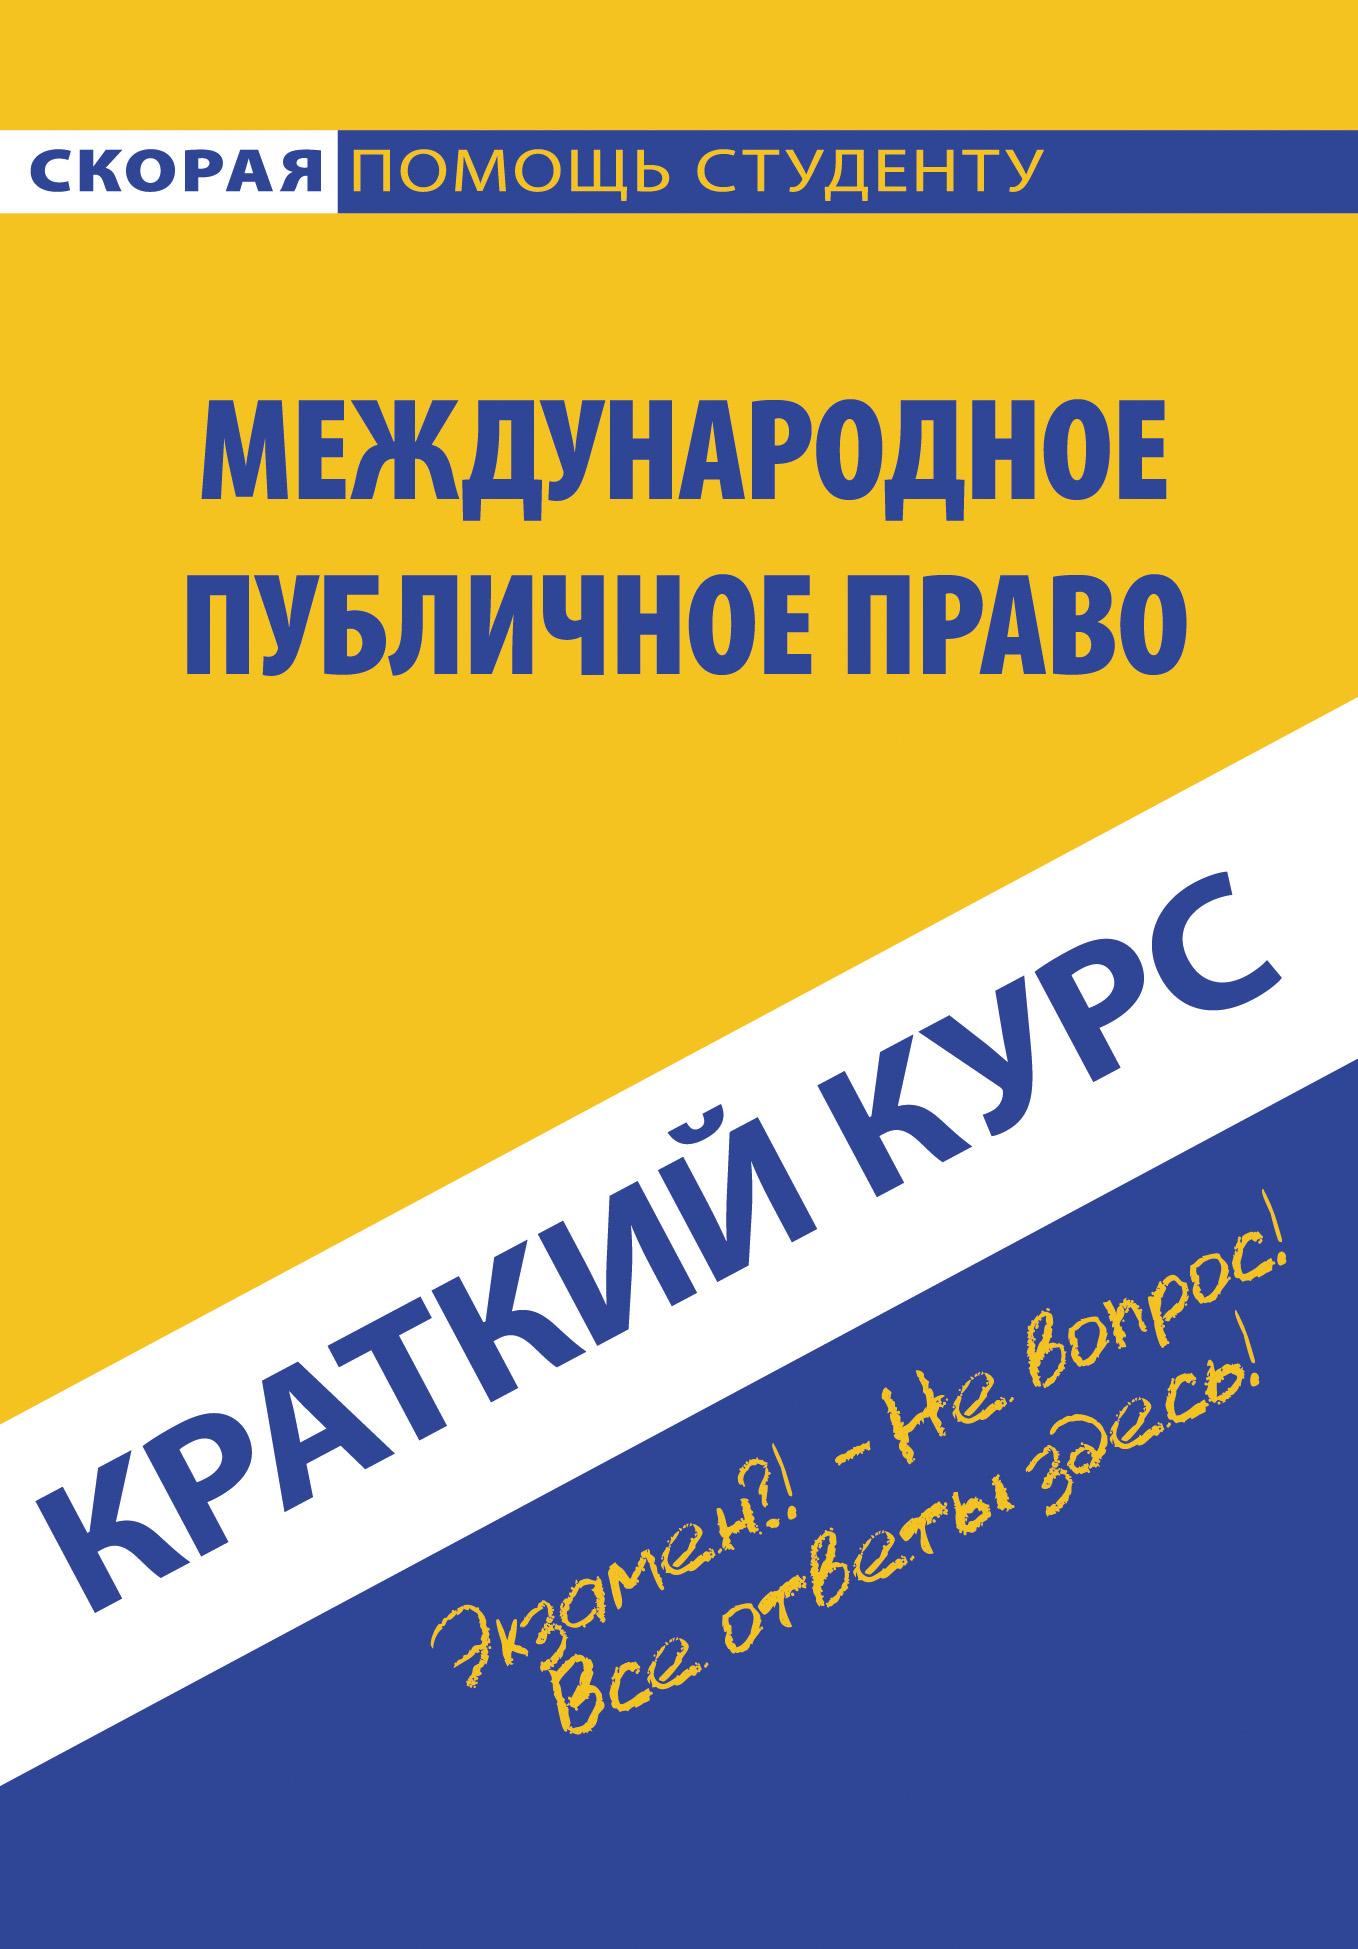 Коллектив авторов Международное публичное право коллектив авторов международное частное право isbn 978 5 409 00642 6